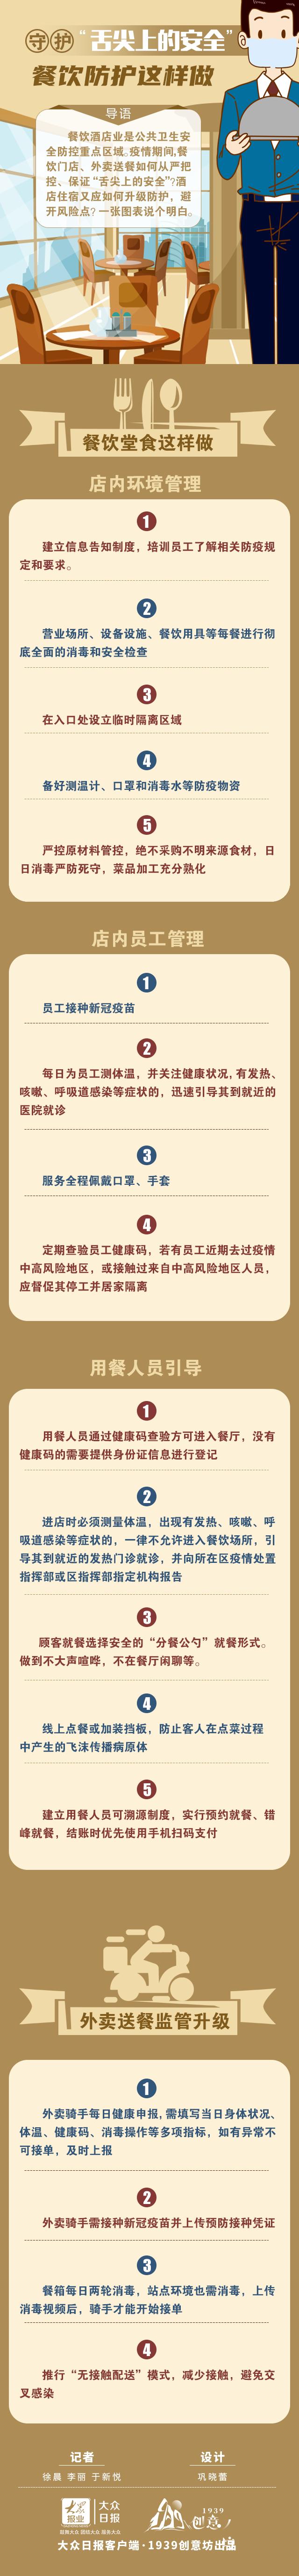 《【摩登4平台怎么注册】餐饮业疫情防控咋落实?这份防护贴请收好》